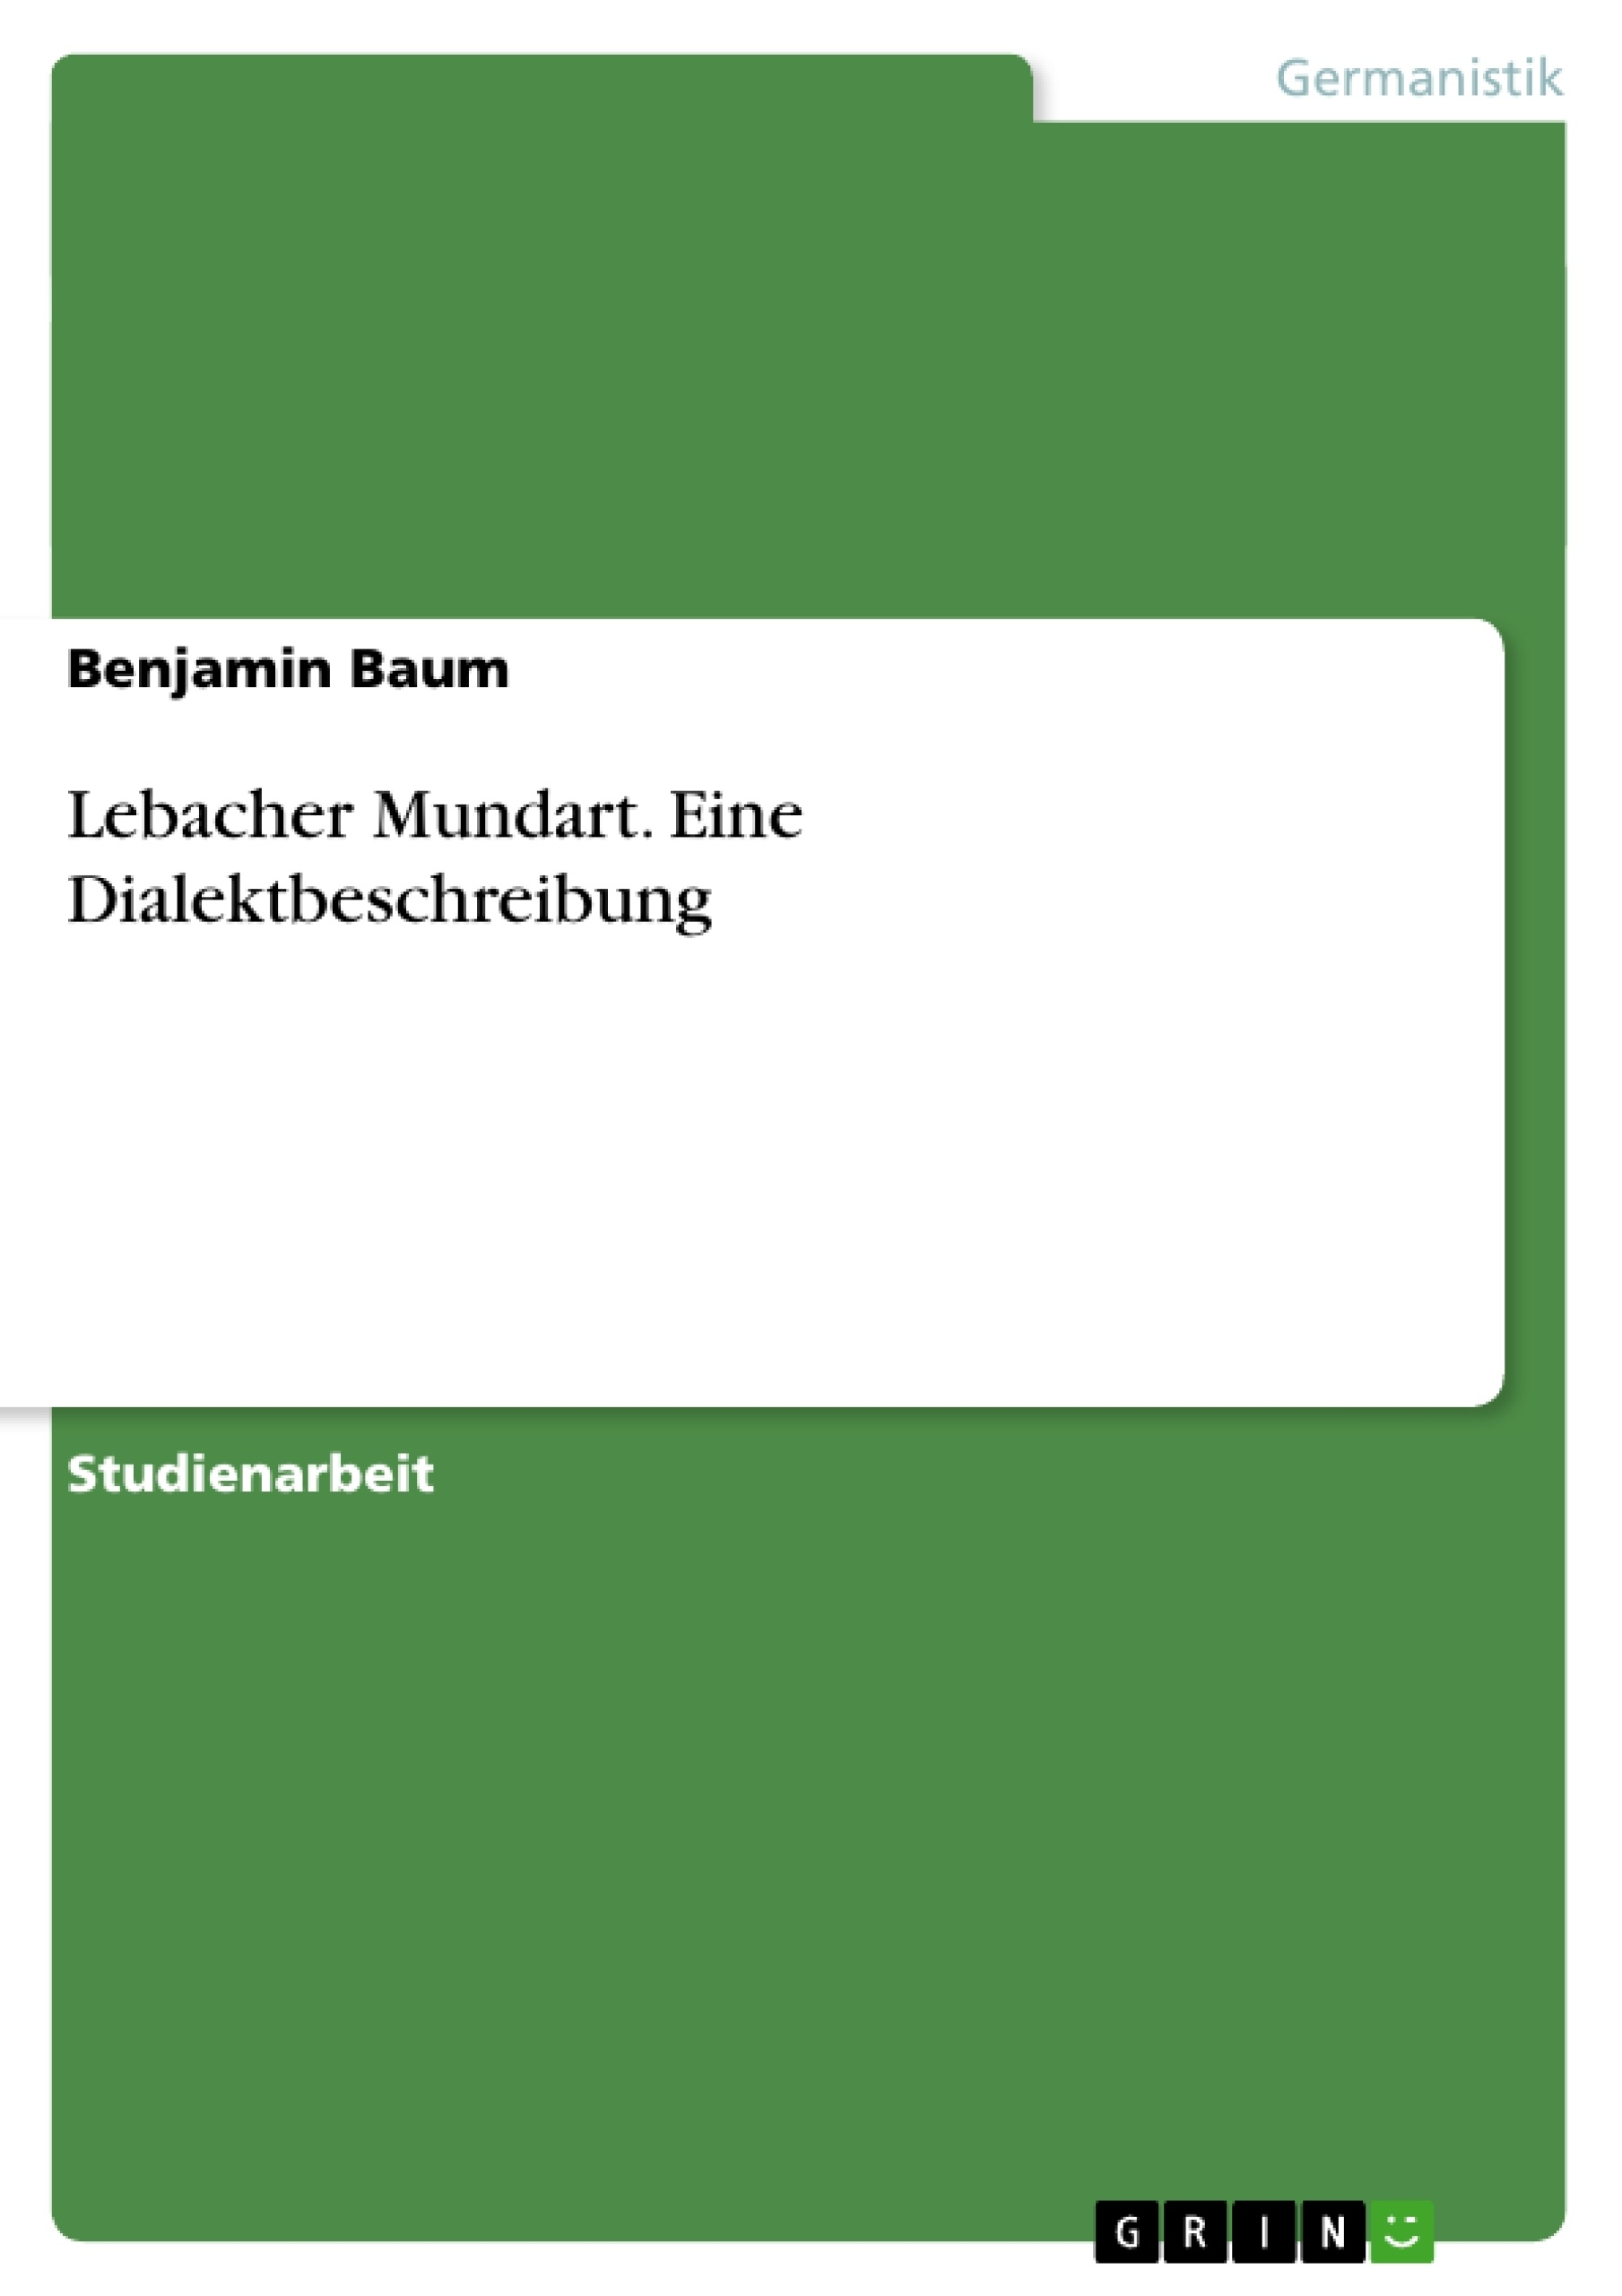 Titel: Lebacher Mundart. Eine Dialektbeschreibung